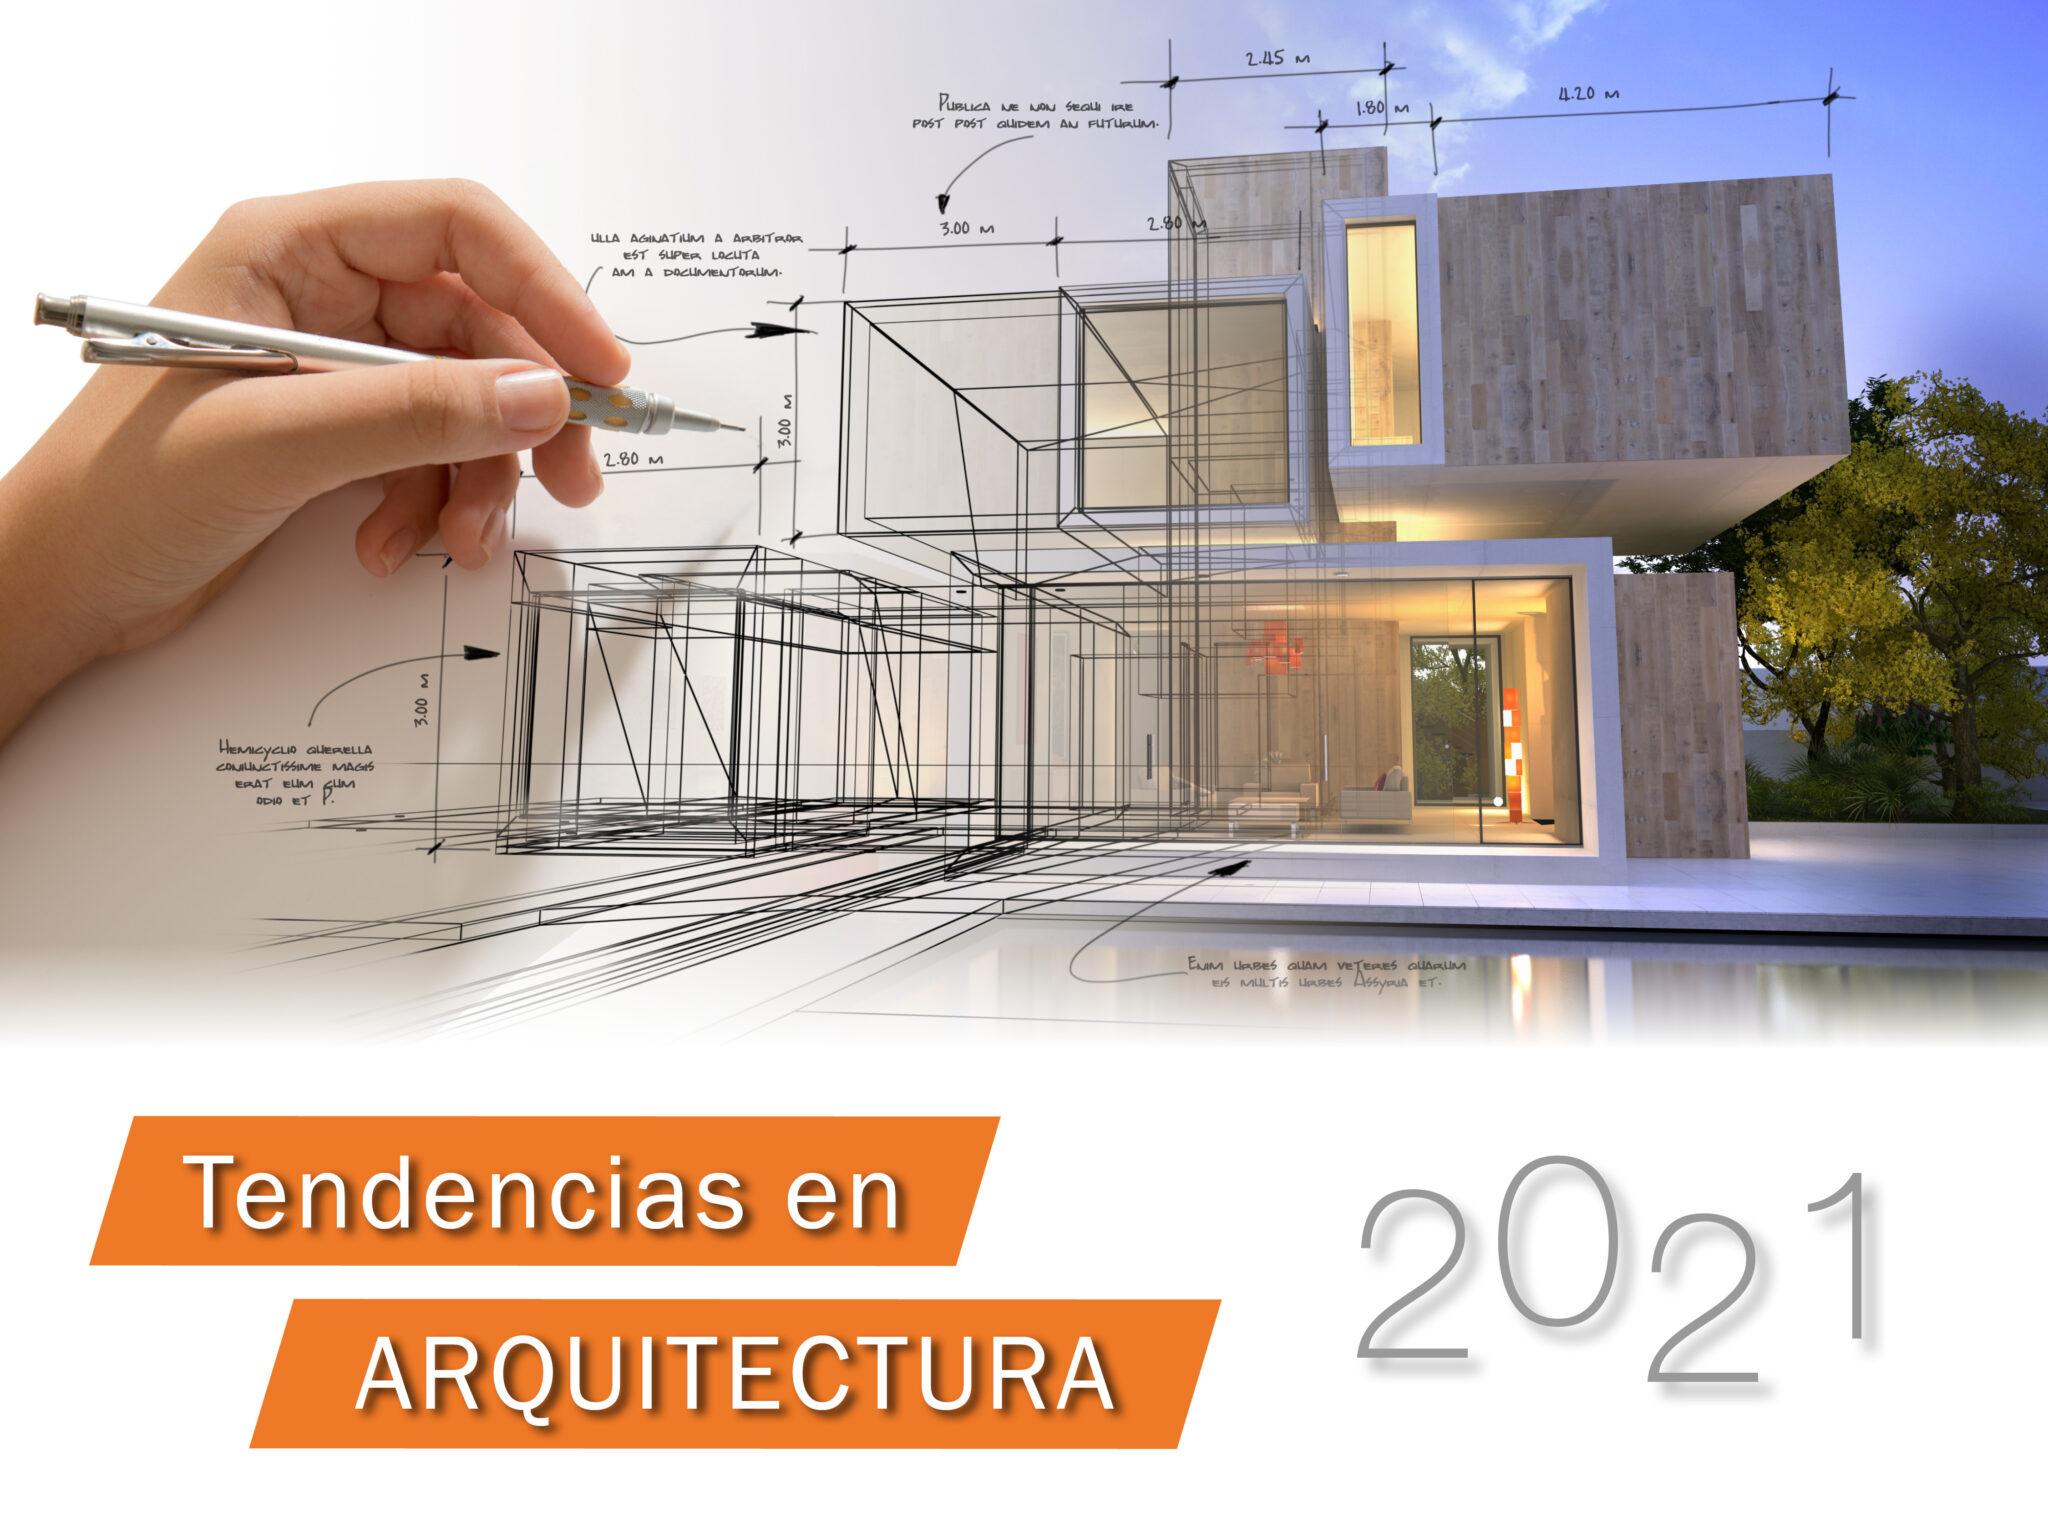 Tendencias en arquitectura para el 2021